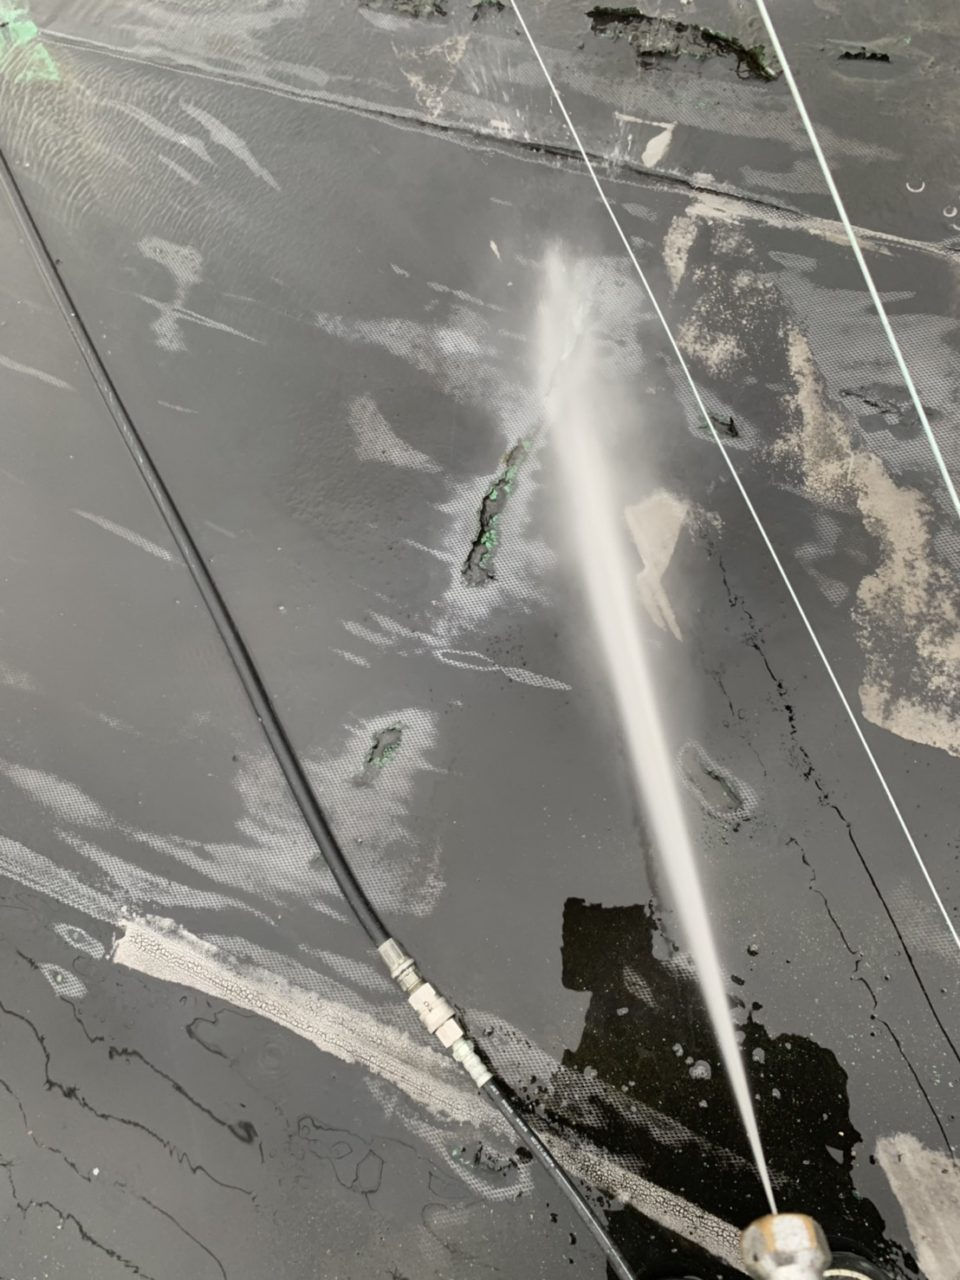 安城市防水工事 水洗い3